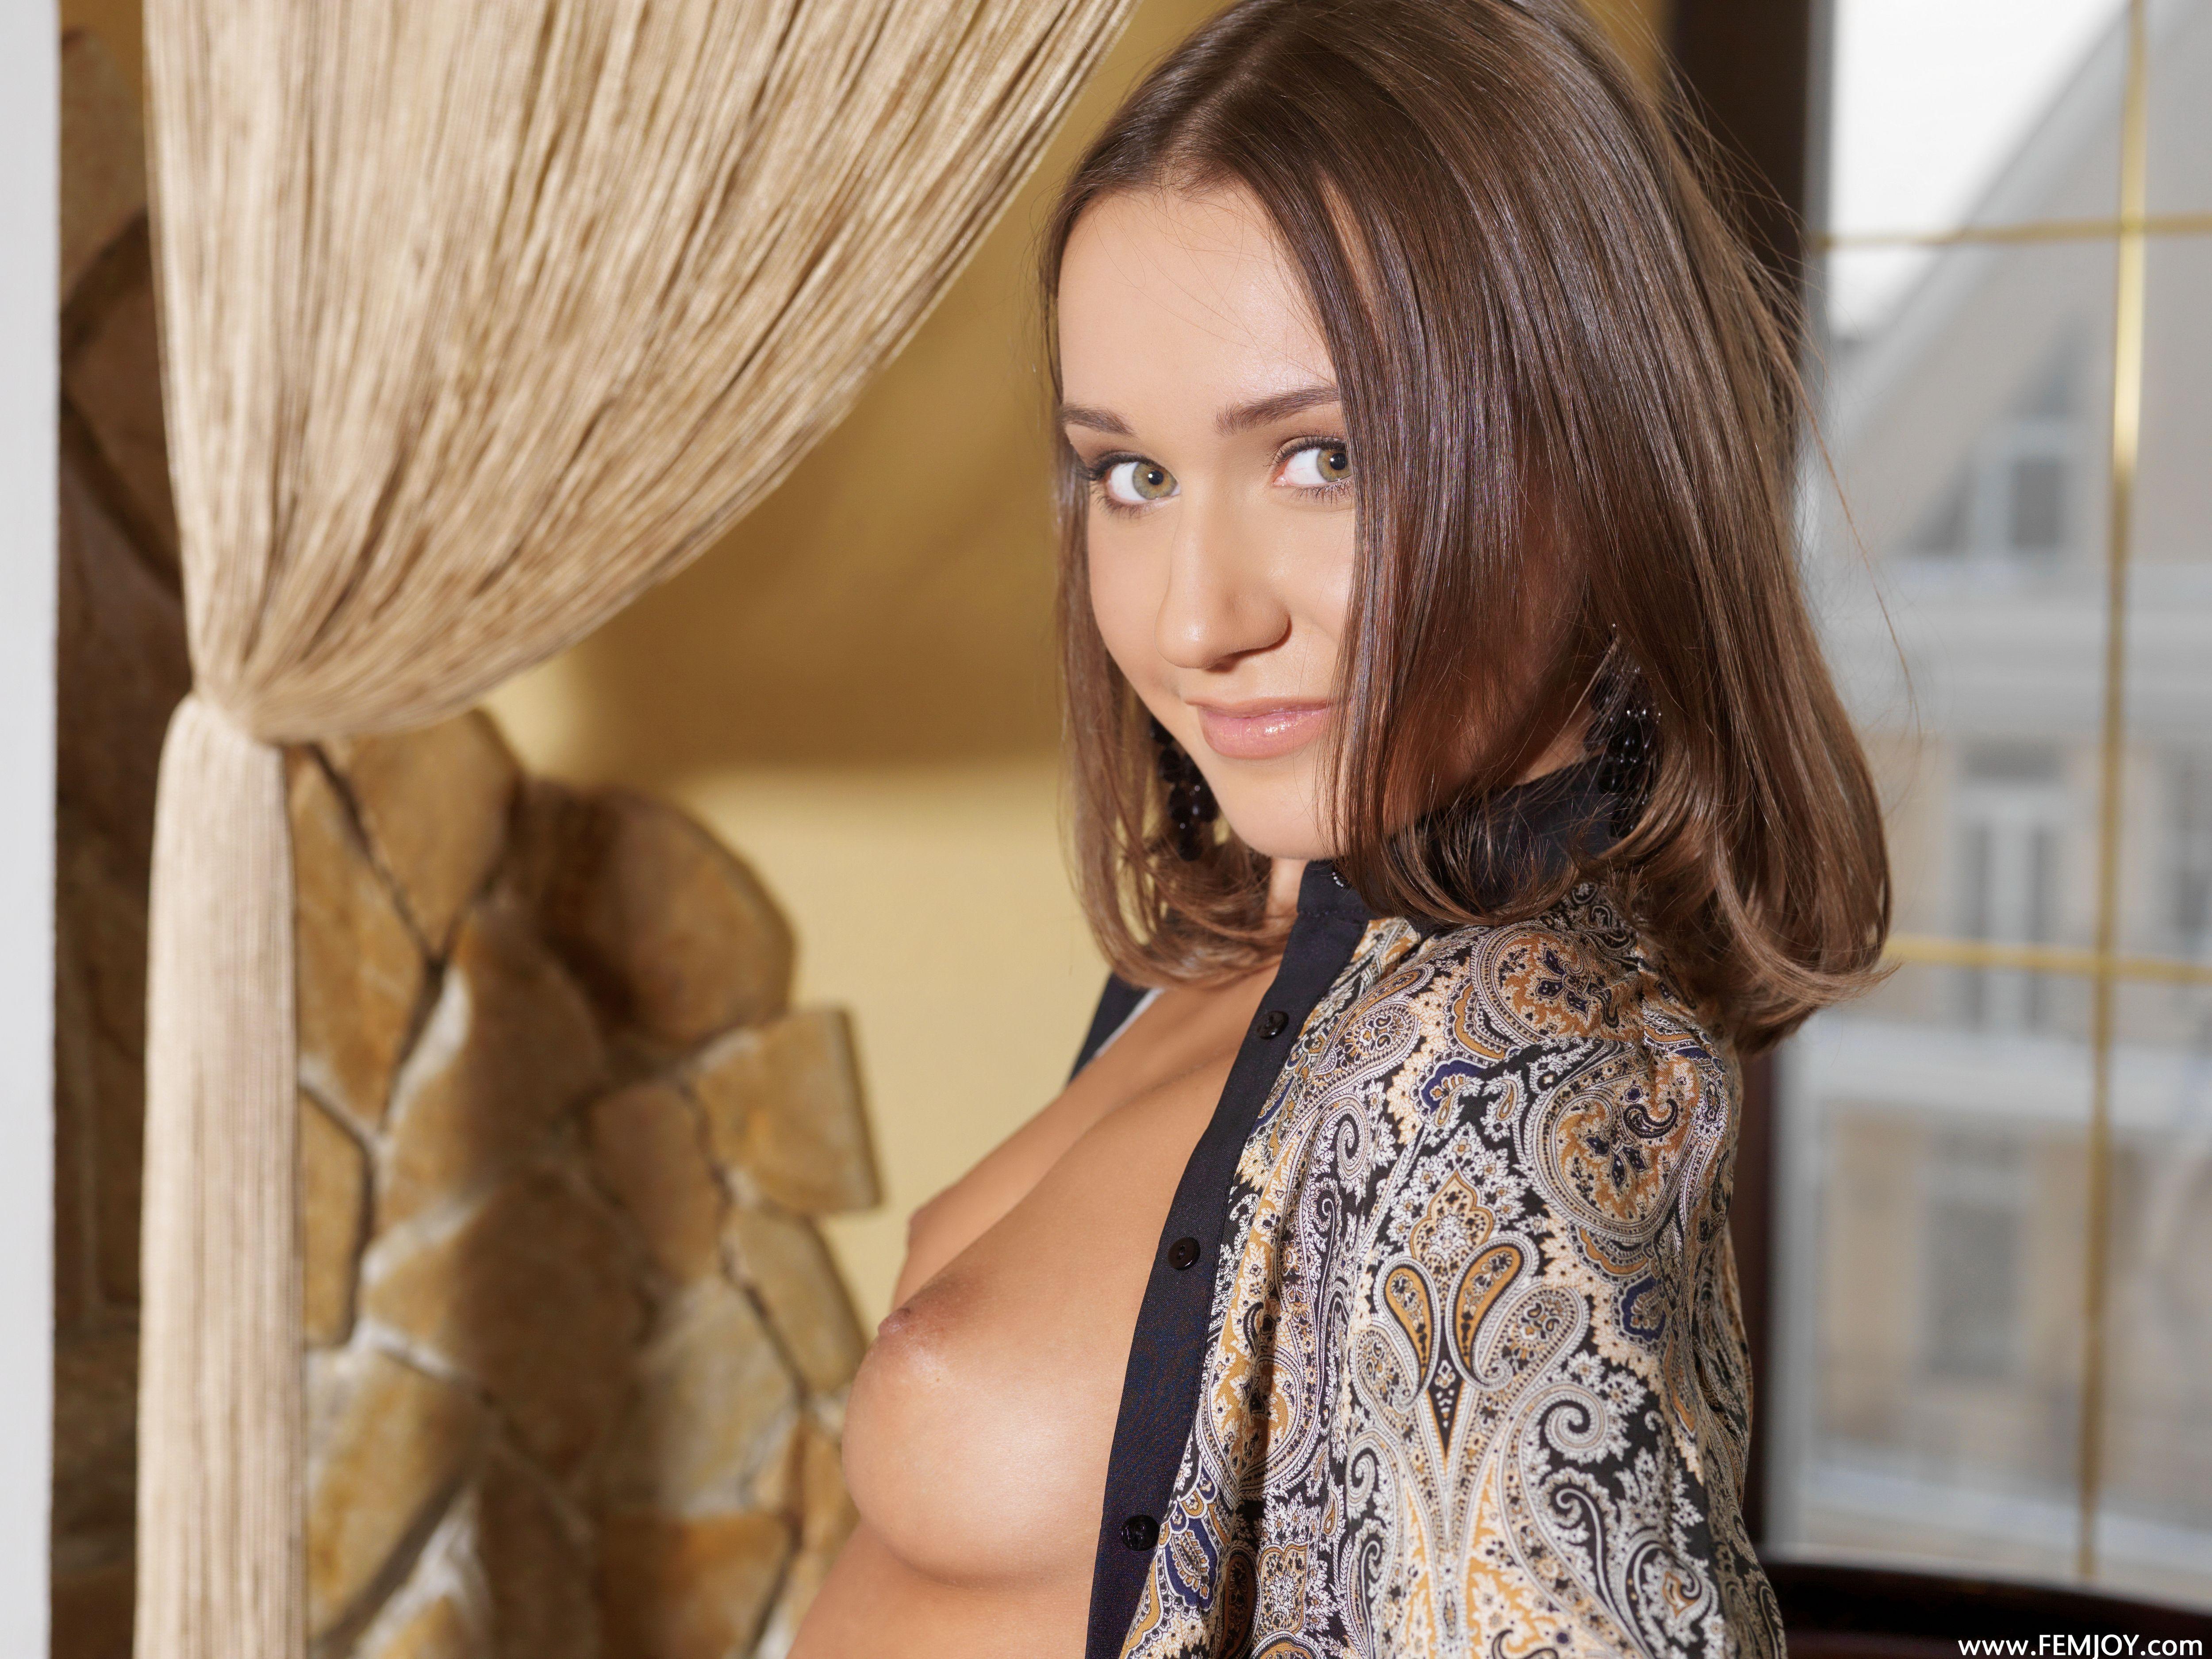 http://i2.imageban.ru/out/2013/08/14/61fe47d33e3d0cabec93bc0be90f60f5.jpg